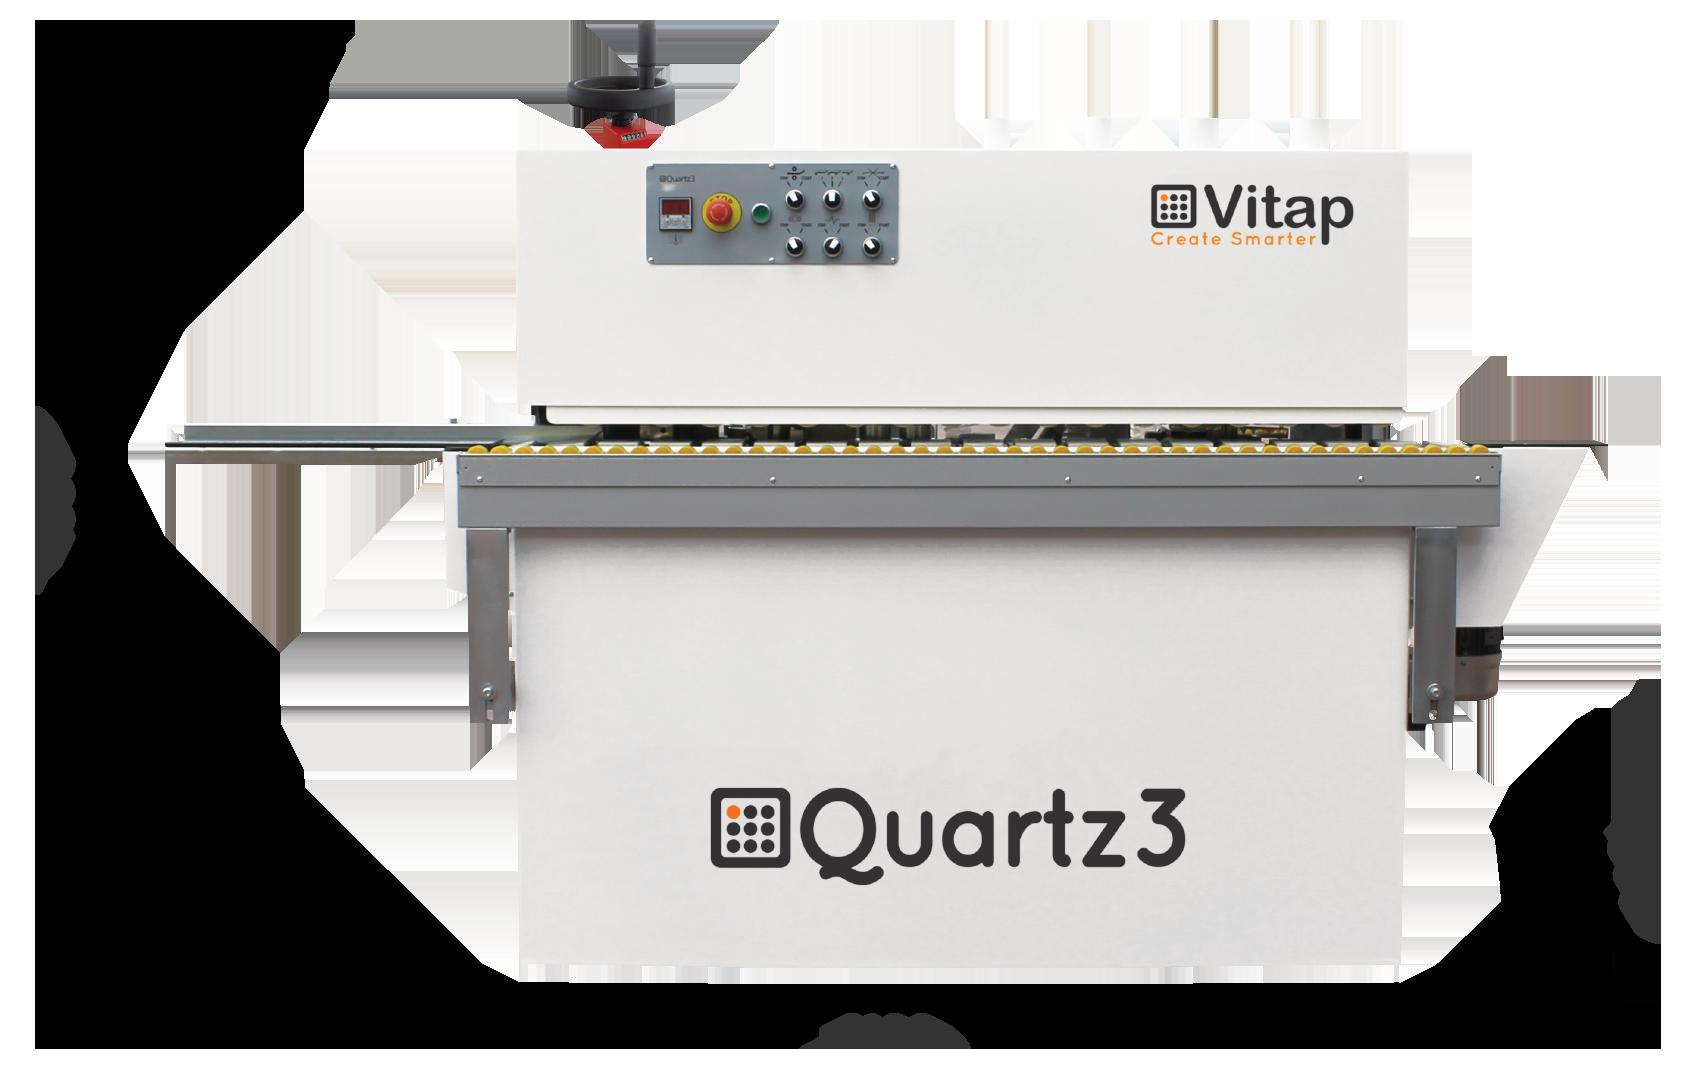 Quartz3